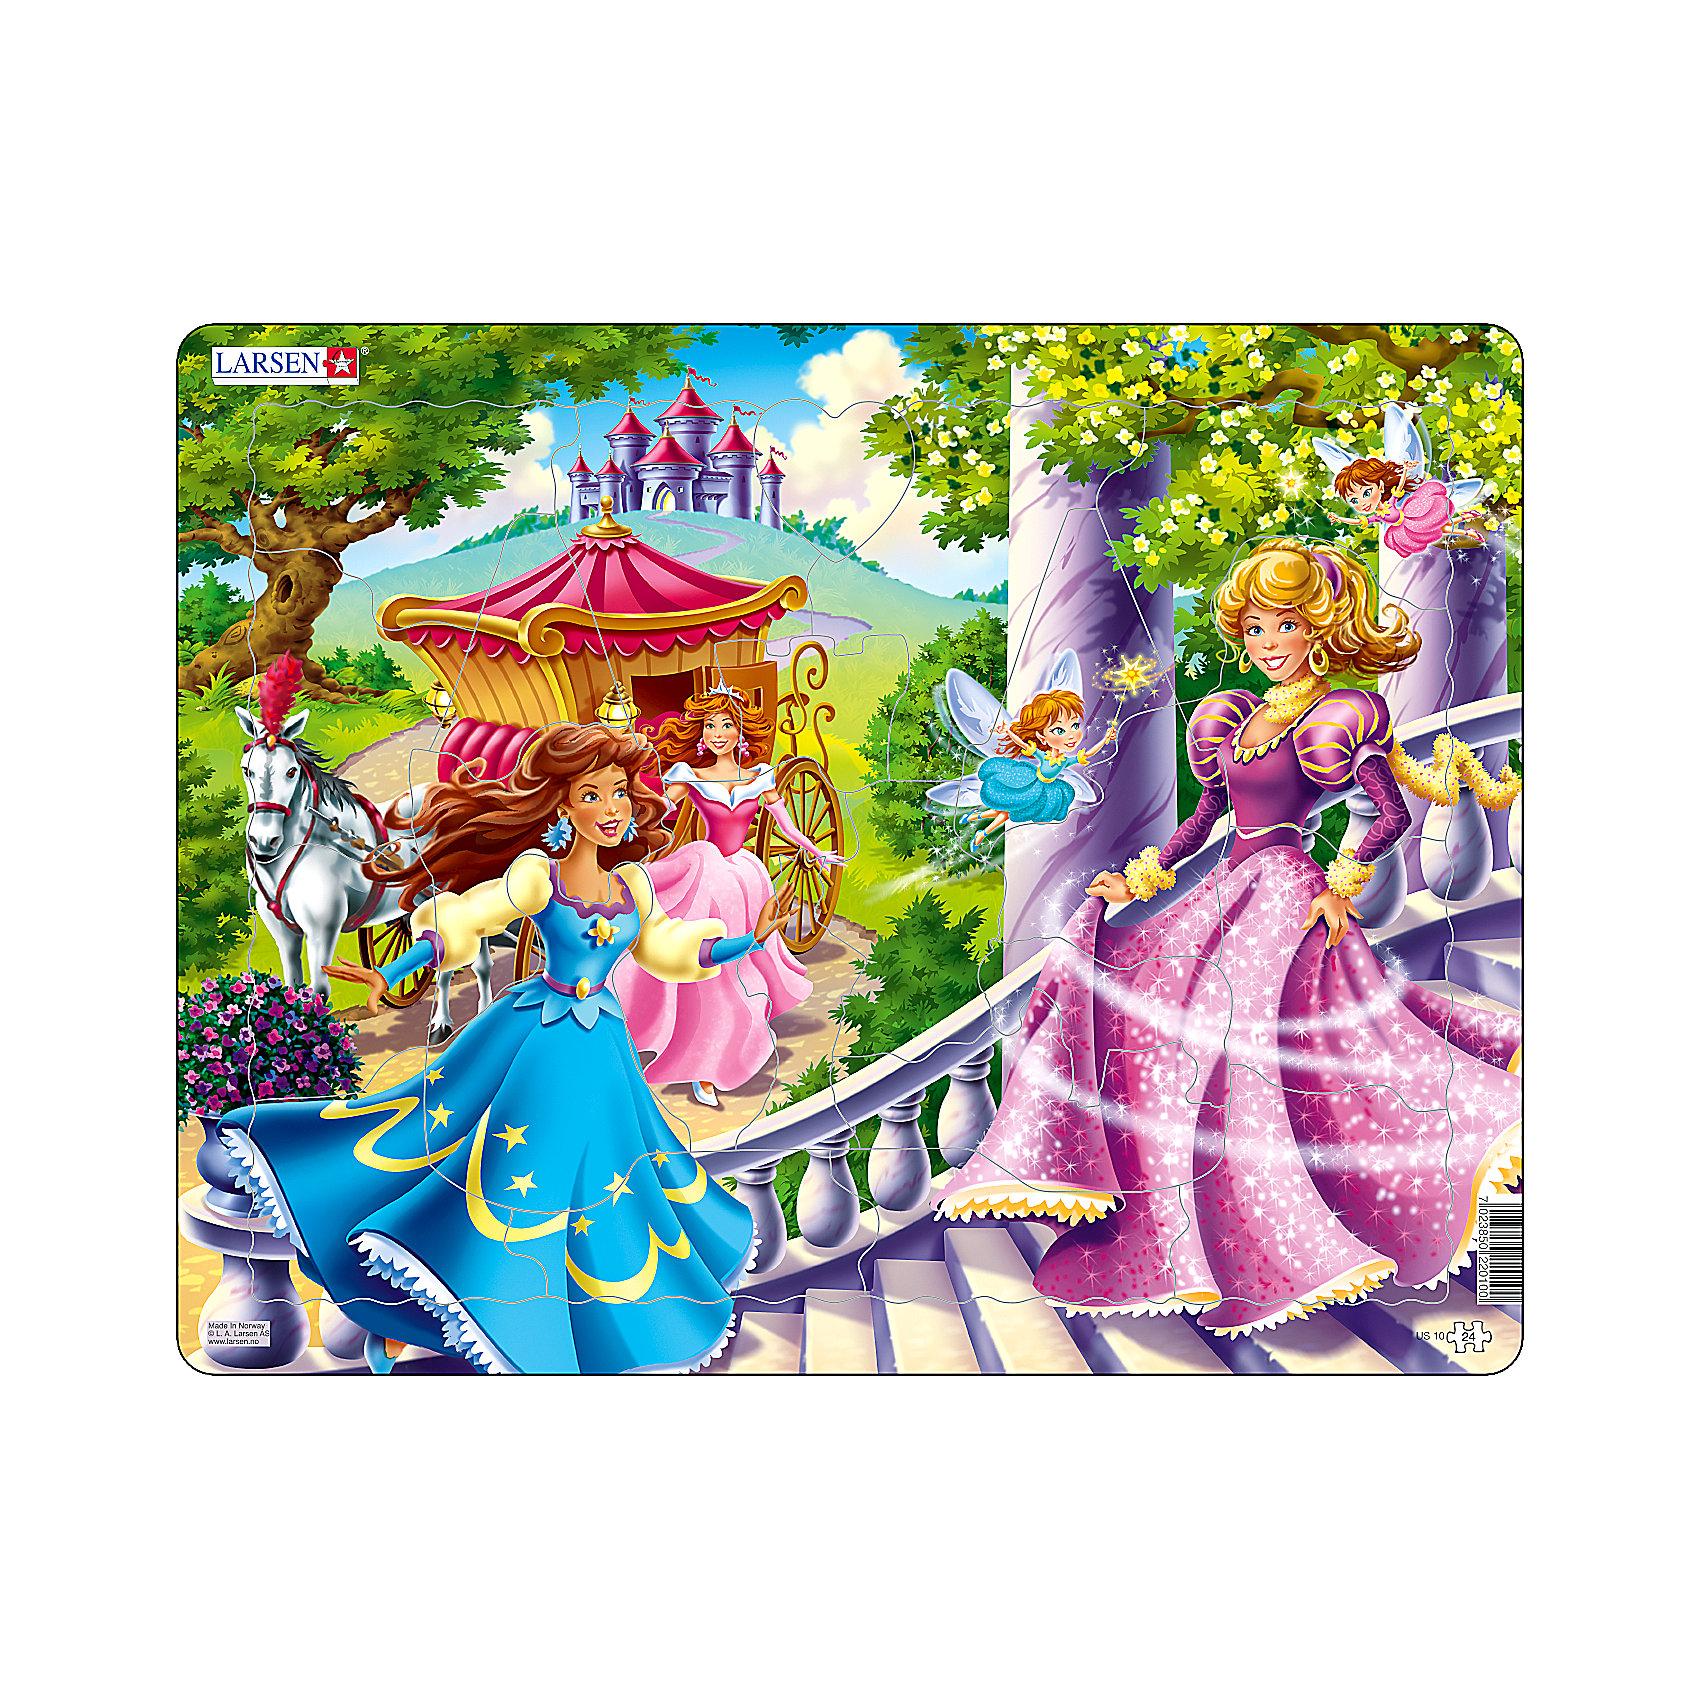 Пазл Принцессы,  Larsen, 24 деталиПазл Принцессы,  Larsen, 24 детали – это хороший и добрый подарок для маленькой поклонницы сказочных принцесс.<br>На пазле Принцессы изображены сказочные принцессы в сопровождении фей, которые спешат поскорее попасть на сказочный бал. Изготовлен пазл из плотного трехслойного картона, имеет специальную подложку и рамку, которые облегчают процесс сборки. Принцип сборки пазла заключается в использовании принципа совместимости изображений и контуров пазла. Если малыш не сможет совместить детали пазла по рисунку, он сделает это по контуру пазла, вставив его в подложку как вкладыш. Высокое качество материала и печати не допускают износа, расслаивания, деформации деталей и стирания рисунка. Многообразие форм и разные размеры деталей пазла развивают мелкую моторику пальцев. Занятия по сборке пазла развивают образное и логическое мышление, пространственное воображение, память, внимание, усидчивость, координацию движений.<br><br>Дополнительная информация:<br><br>- Количество элементов: 24 детали<br>- Материал: плотный трехслойный картон<br>- Размер пазла: 36,5 x 28,5 см.<br><br>Пазл Принцессы,  Larsen (Ларсен), 24 детали можно купить в нашем интернет-магазине.<br><br>Ширина мм: 370<br>Глубина мм: 286<br>Высота мм: 10<br>Вес г: 322<br>Возраст от месяцев: 36<br>Возраст до месяцев: 60<br>Пол: Женский<br>Возраст: Детский<br>Количество деталей: 24<br>SKU: 3610581